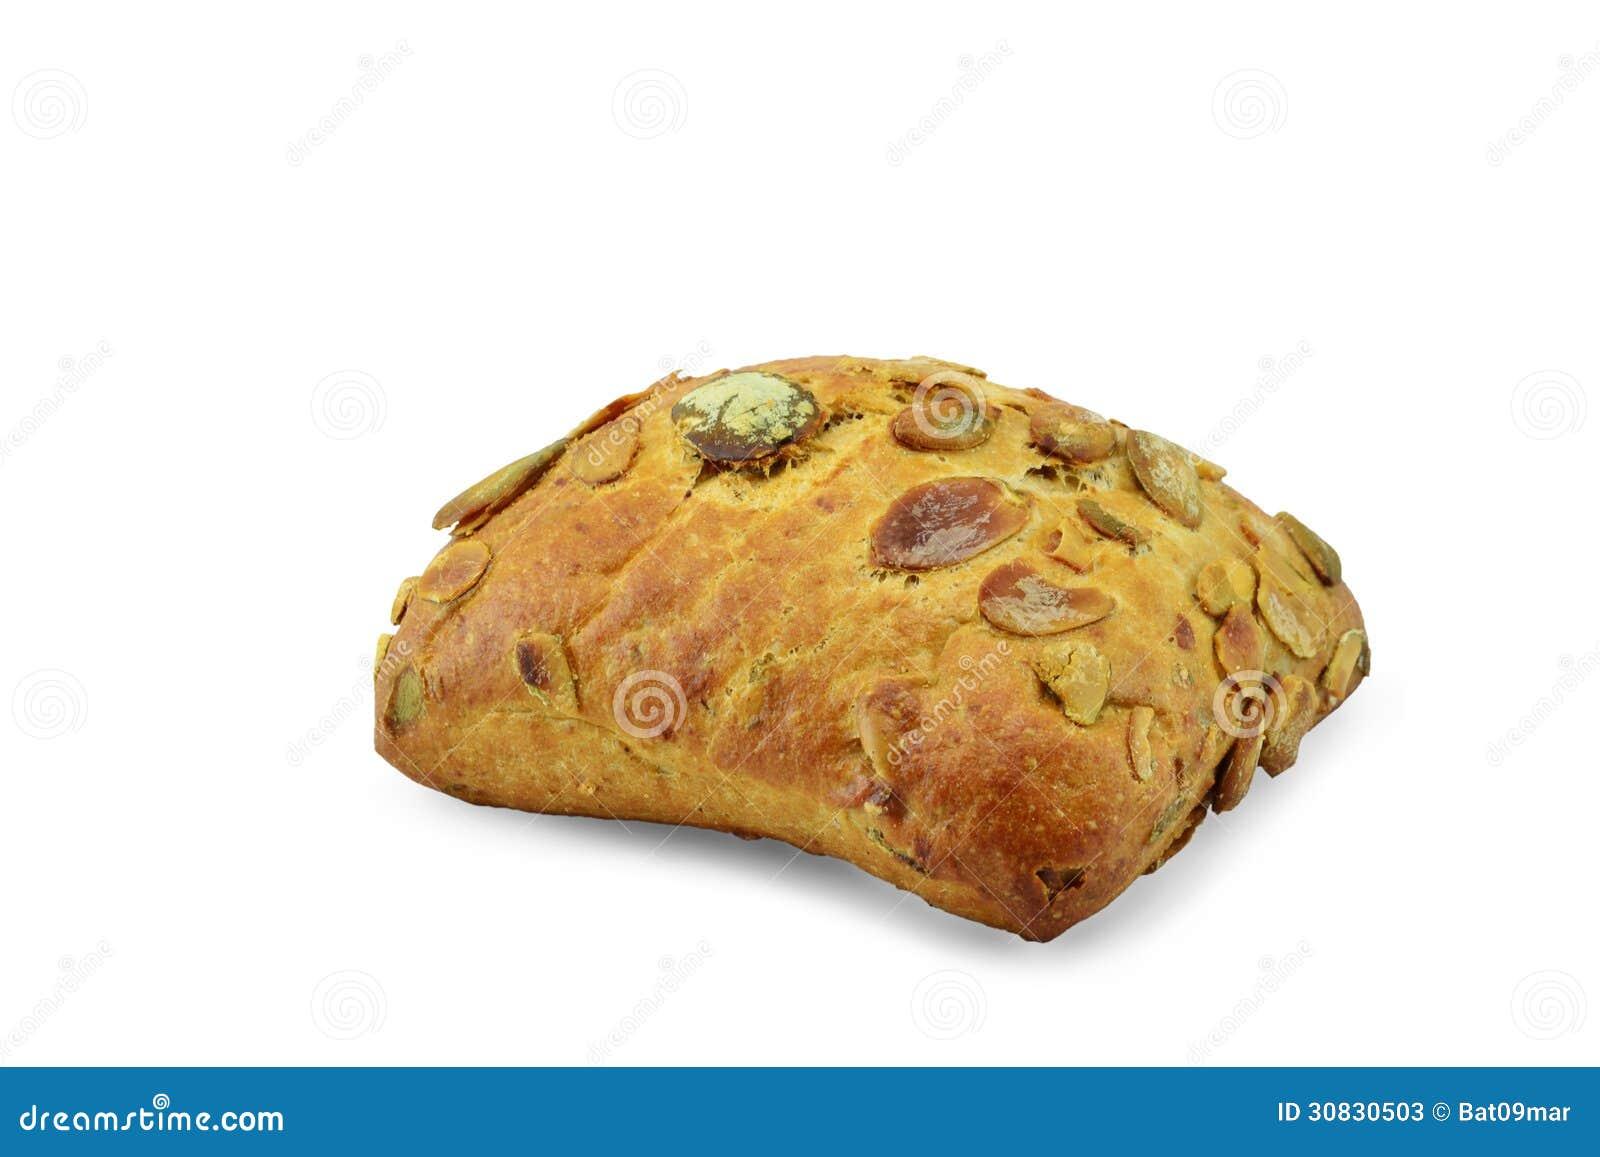 Pane con il seme di zucca su un fondo bianco